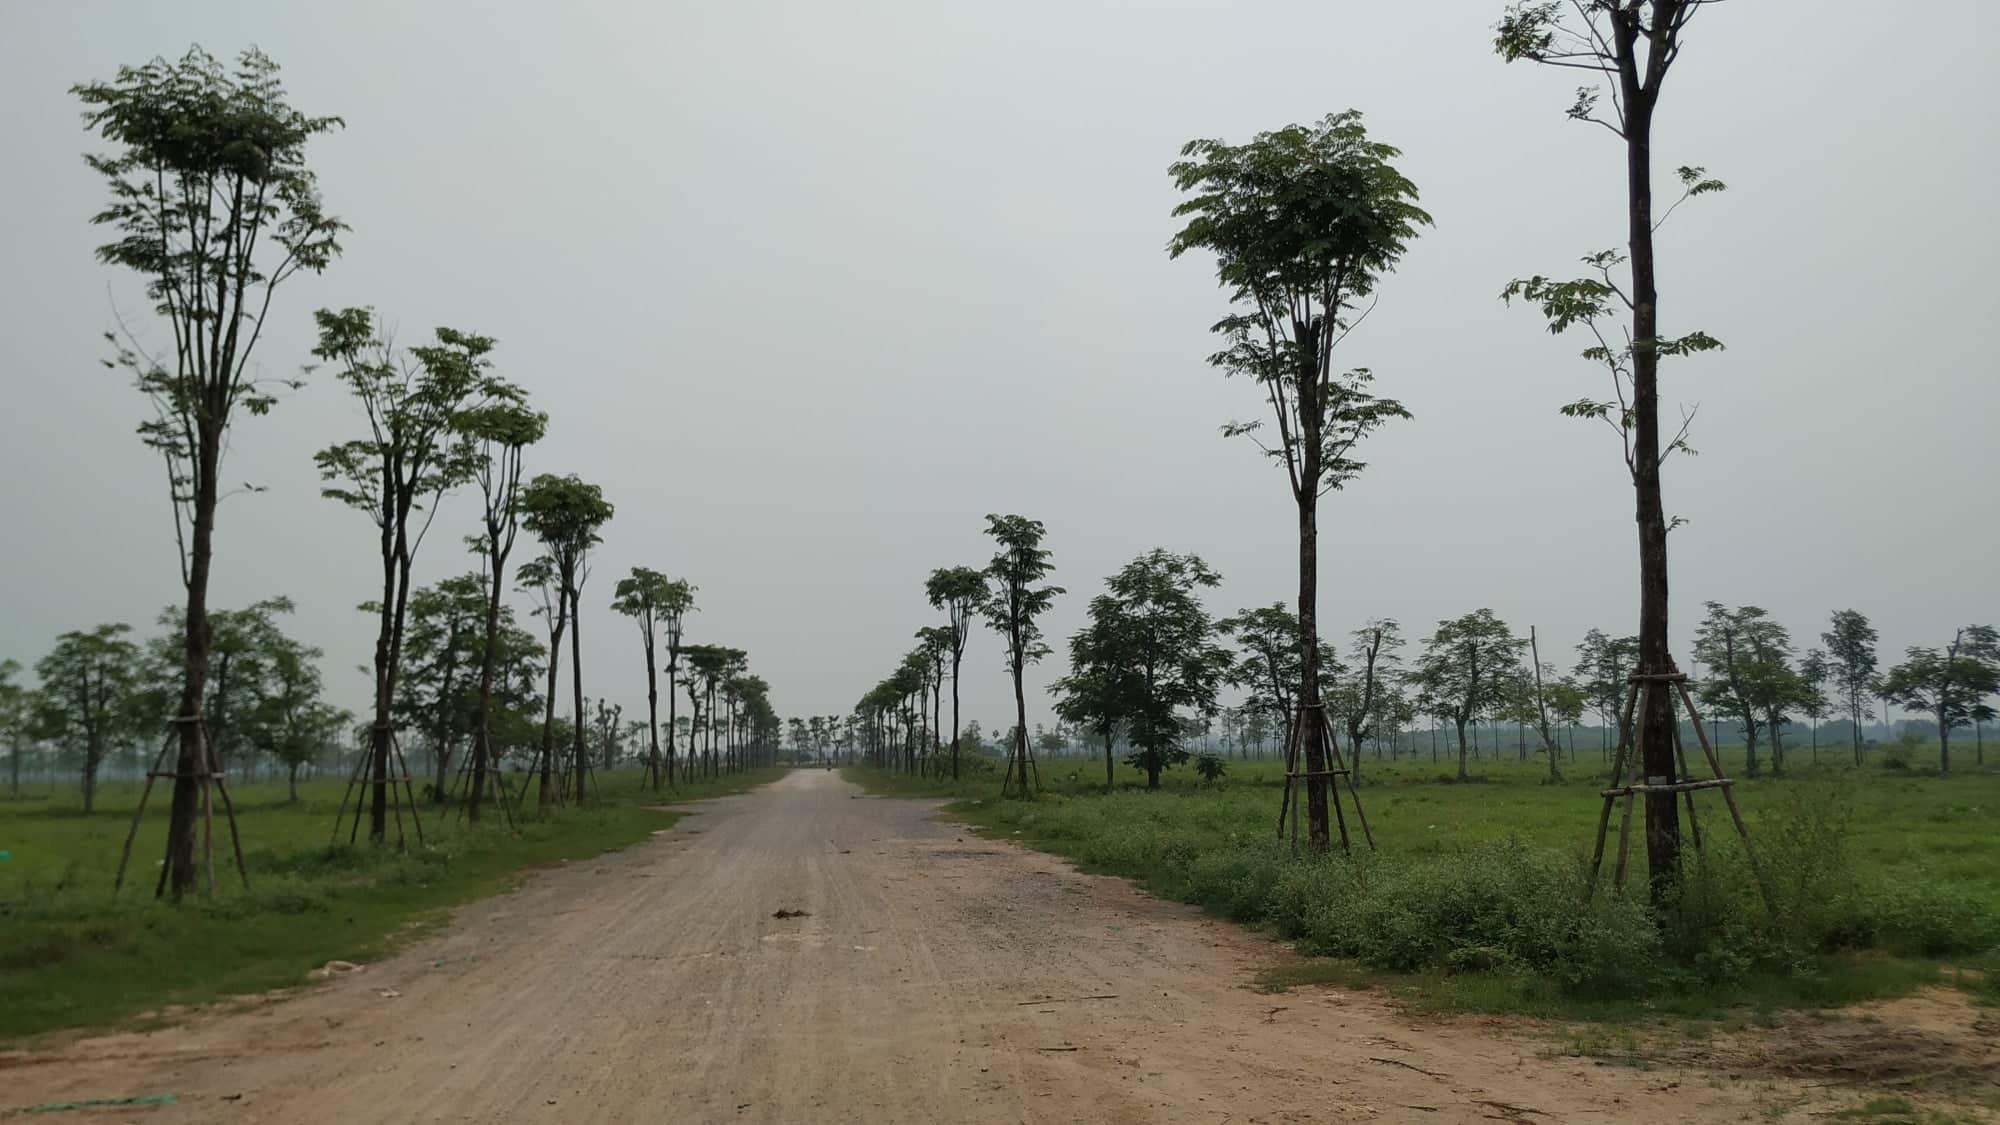 Sau 10 năm xây dựng, 2.000 ha đất hoang tàn, bỏ hoang tại Mê Linh - Ảnh 2.